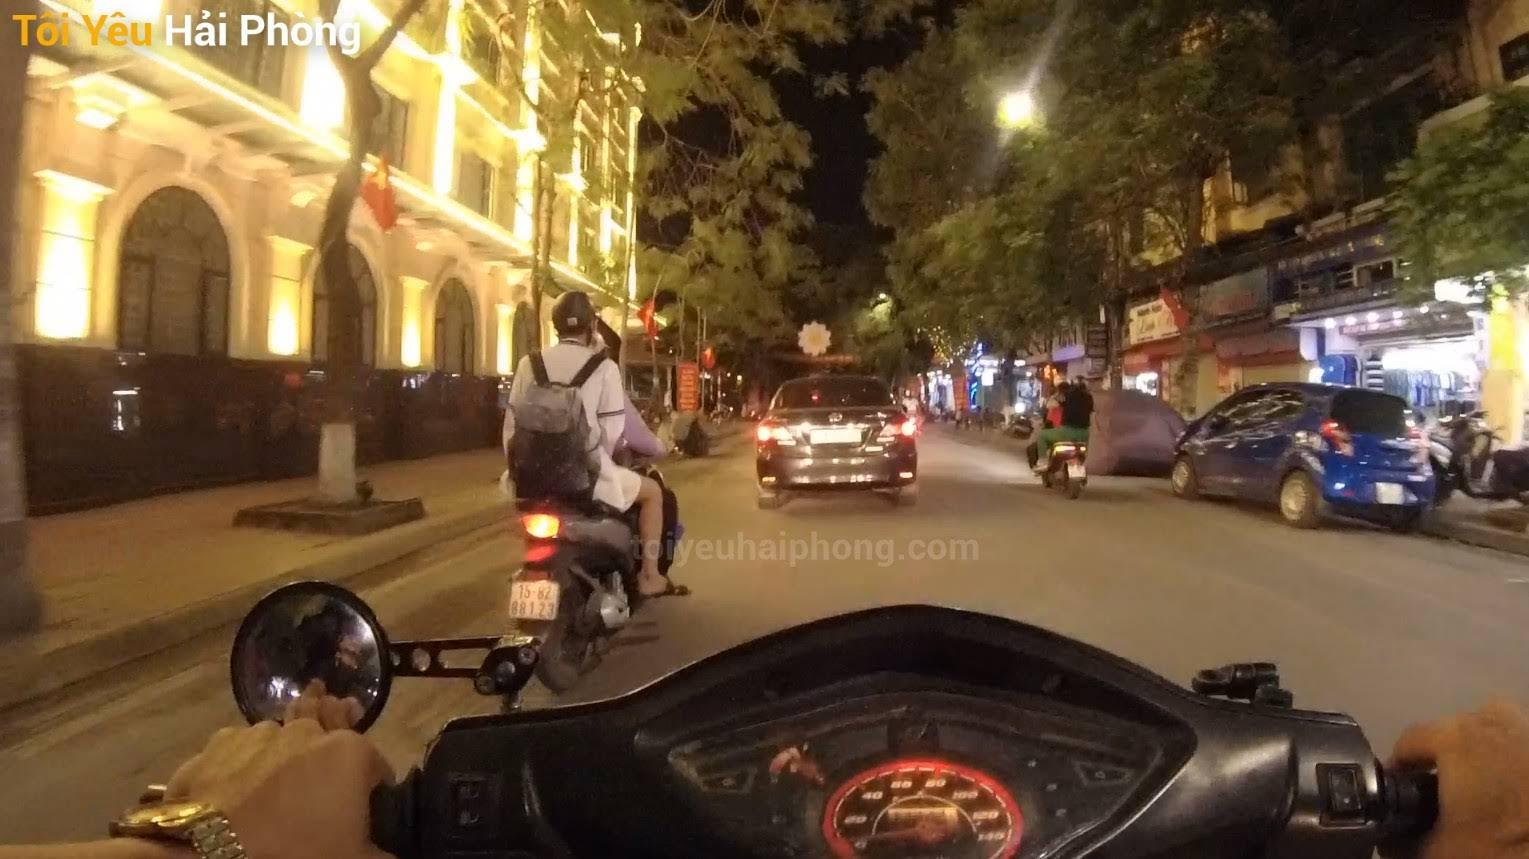 Buổi tối dạo phố Hoàng Văn Thụ ở Hải Phòng 2